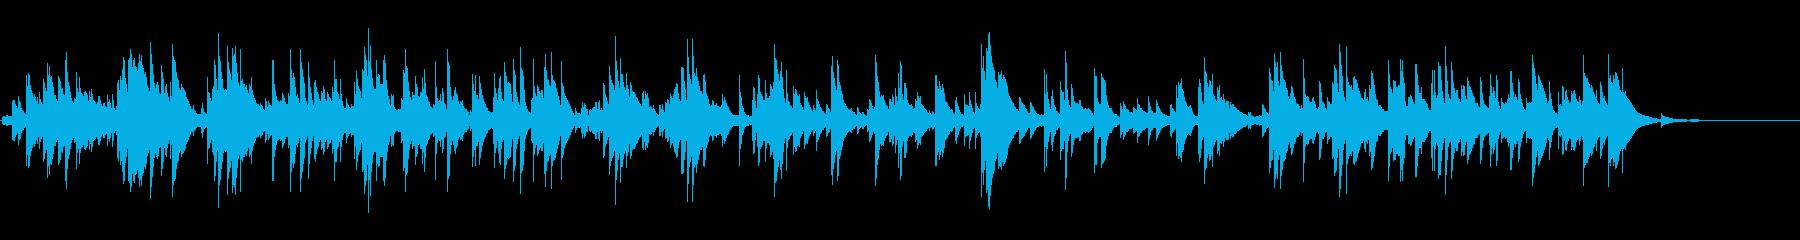 スモールメタルウィンドチャイム:ヘ...の再生済みの波形